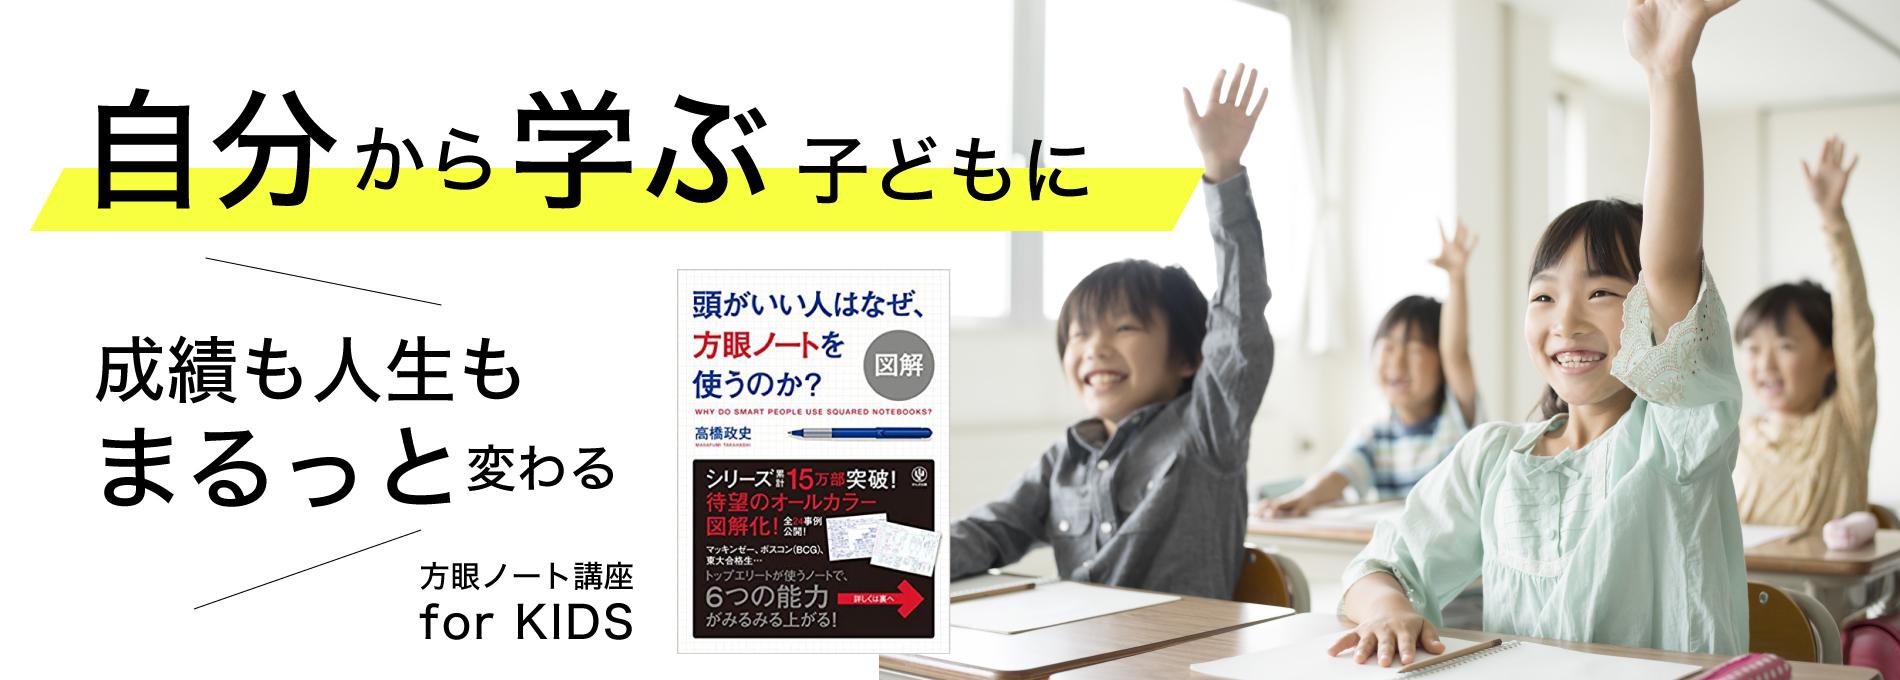 香川丸亀方眼ノート講座キッズ